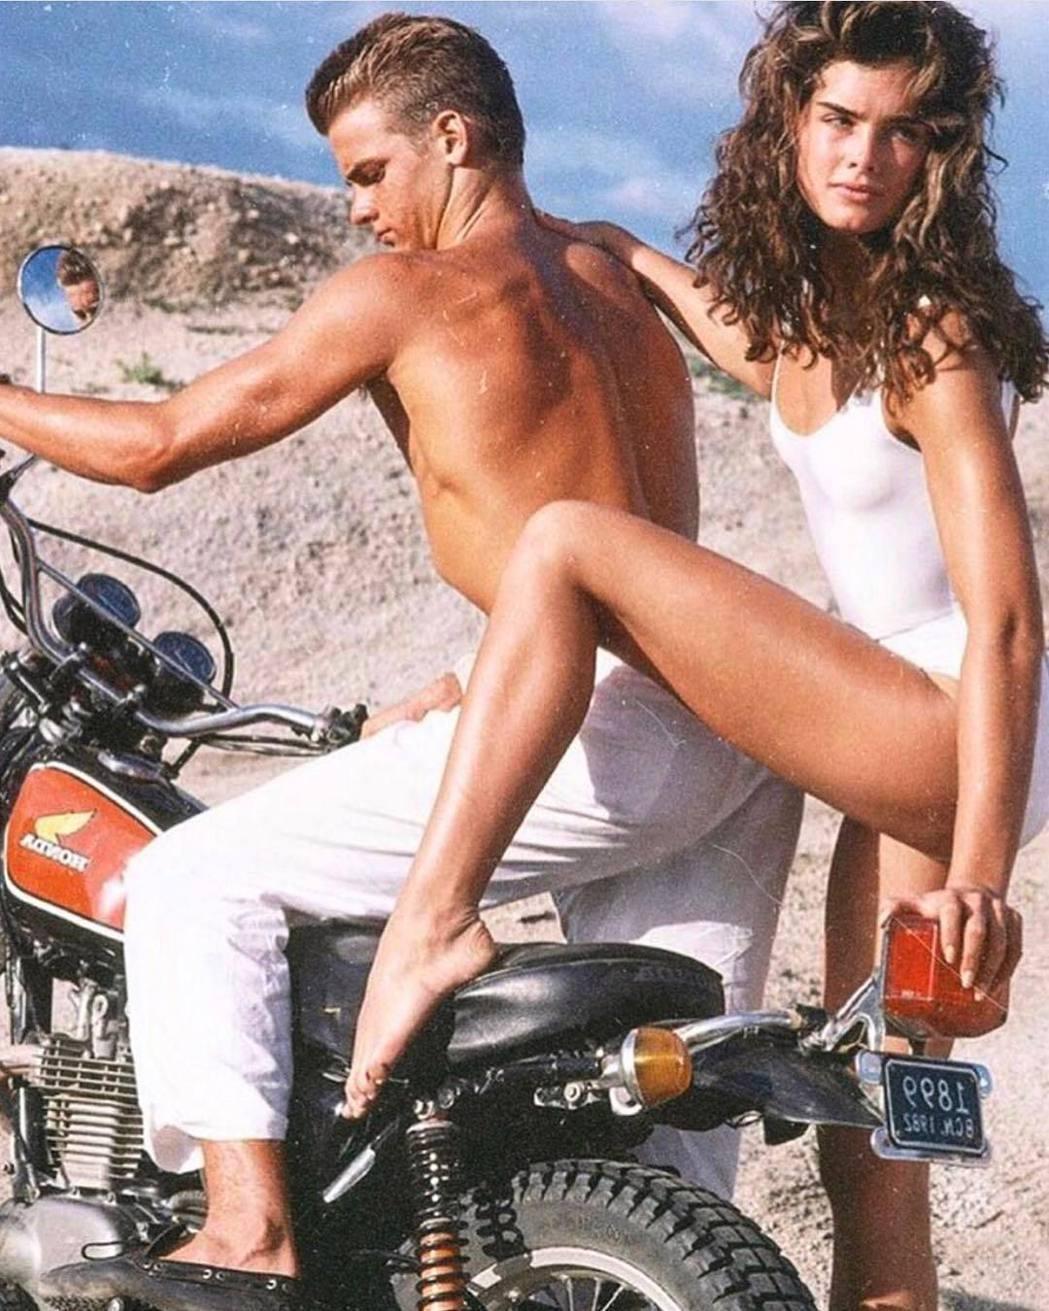 布魯克雪德絲年紀很小就當模特兒,當時就秀出修長美腿。圖/摘自Instagram